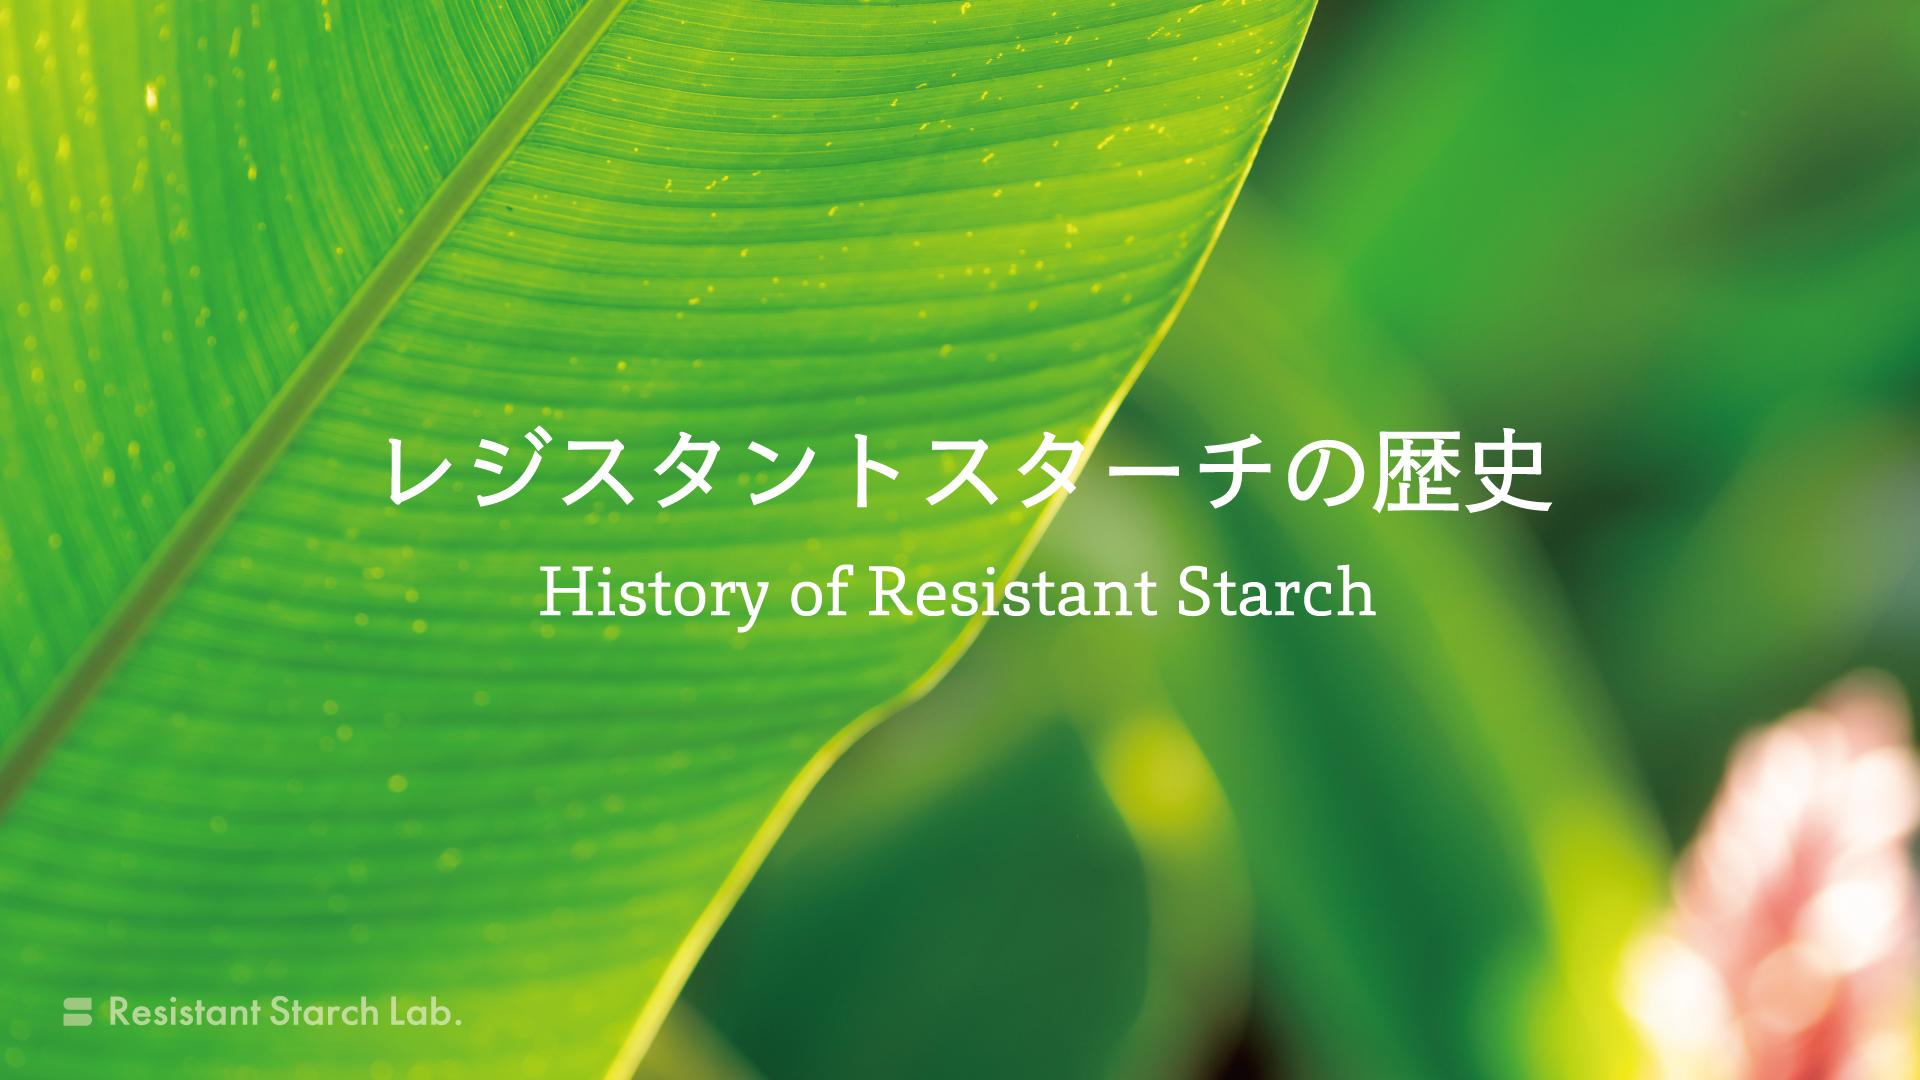 レジスタントスターチの歴史